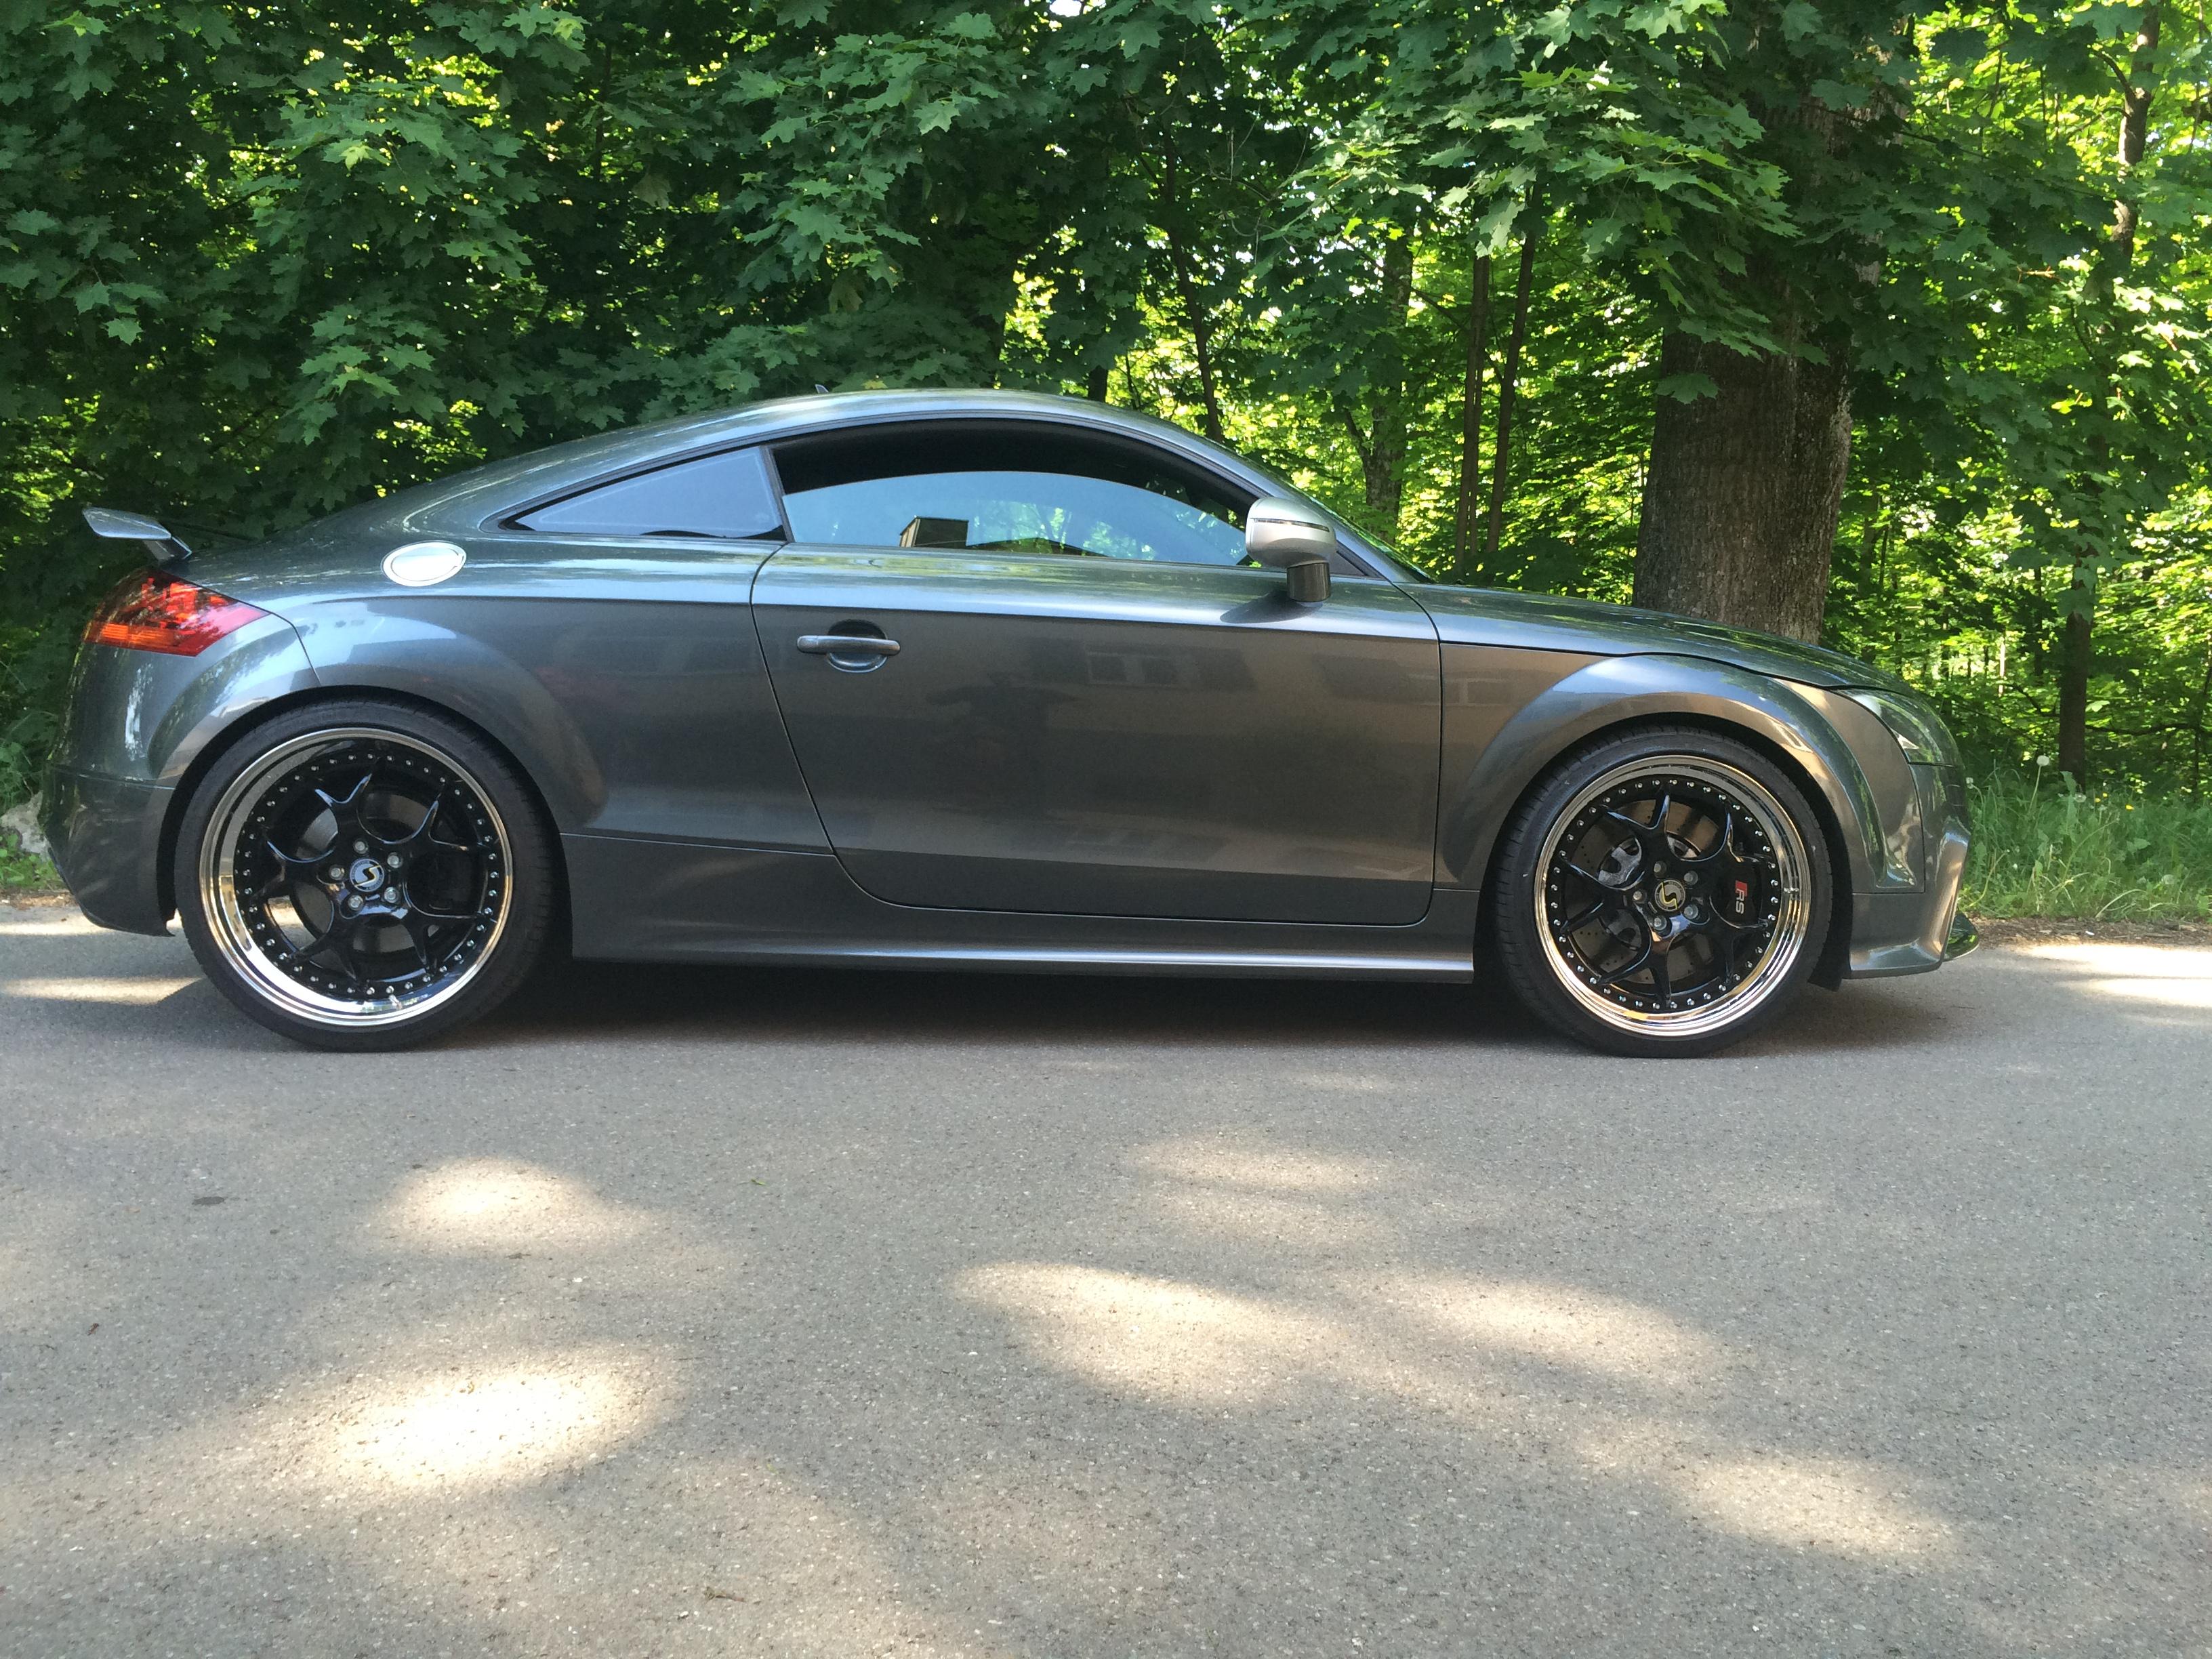 Audi Tt Rs Vn Line 3 Tlg 20 Zoll Audi